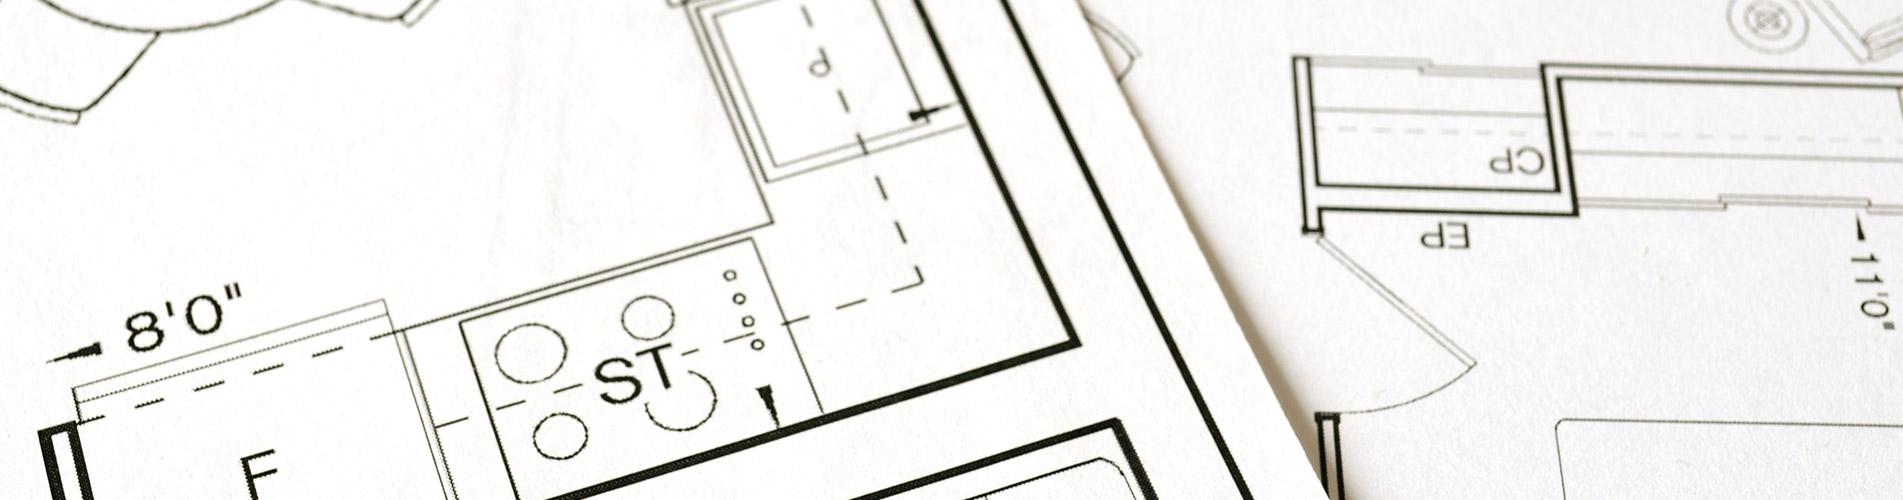 Comment estimer un bien immobilier ?